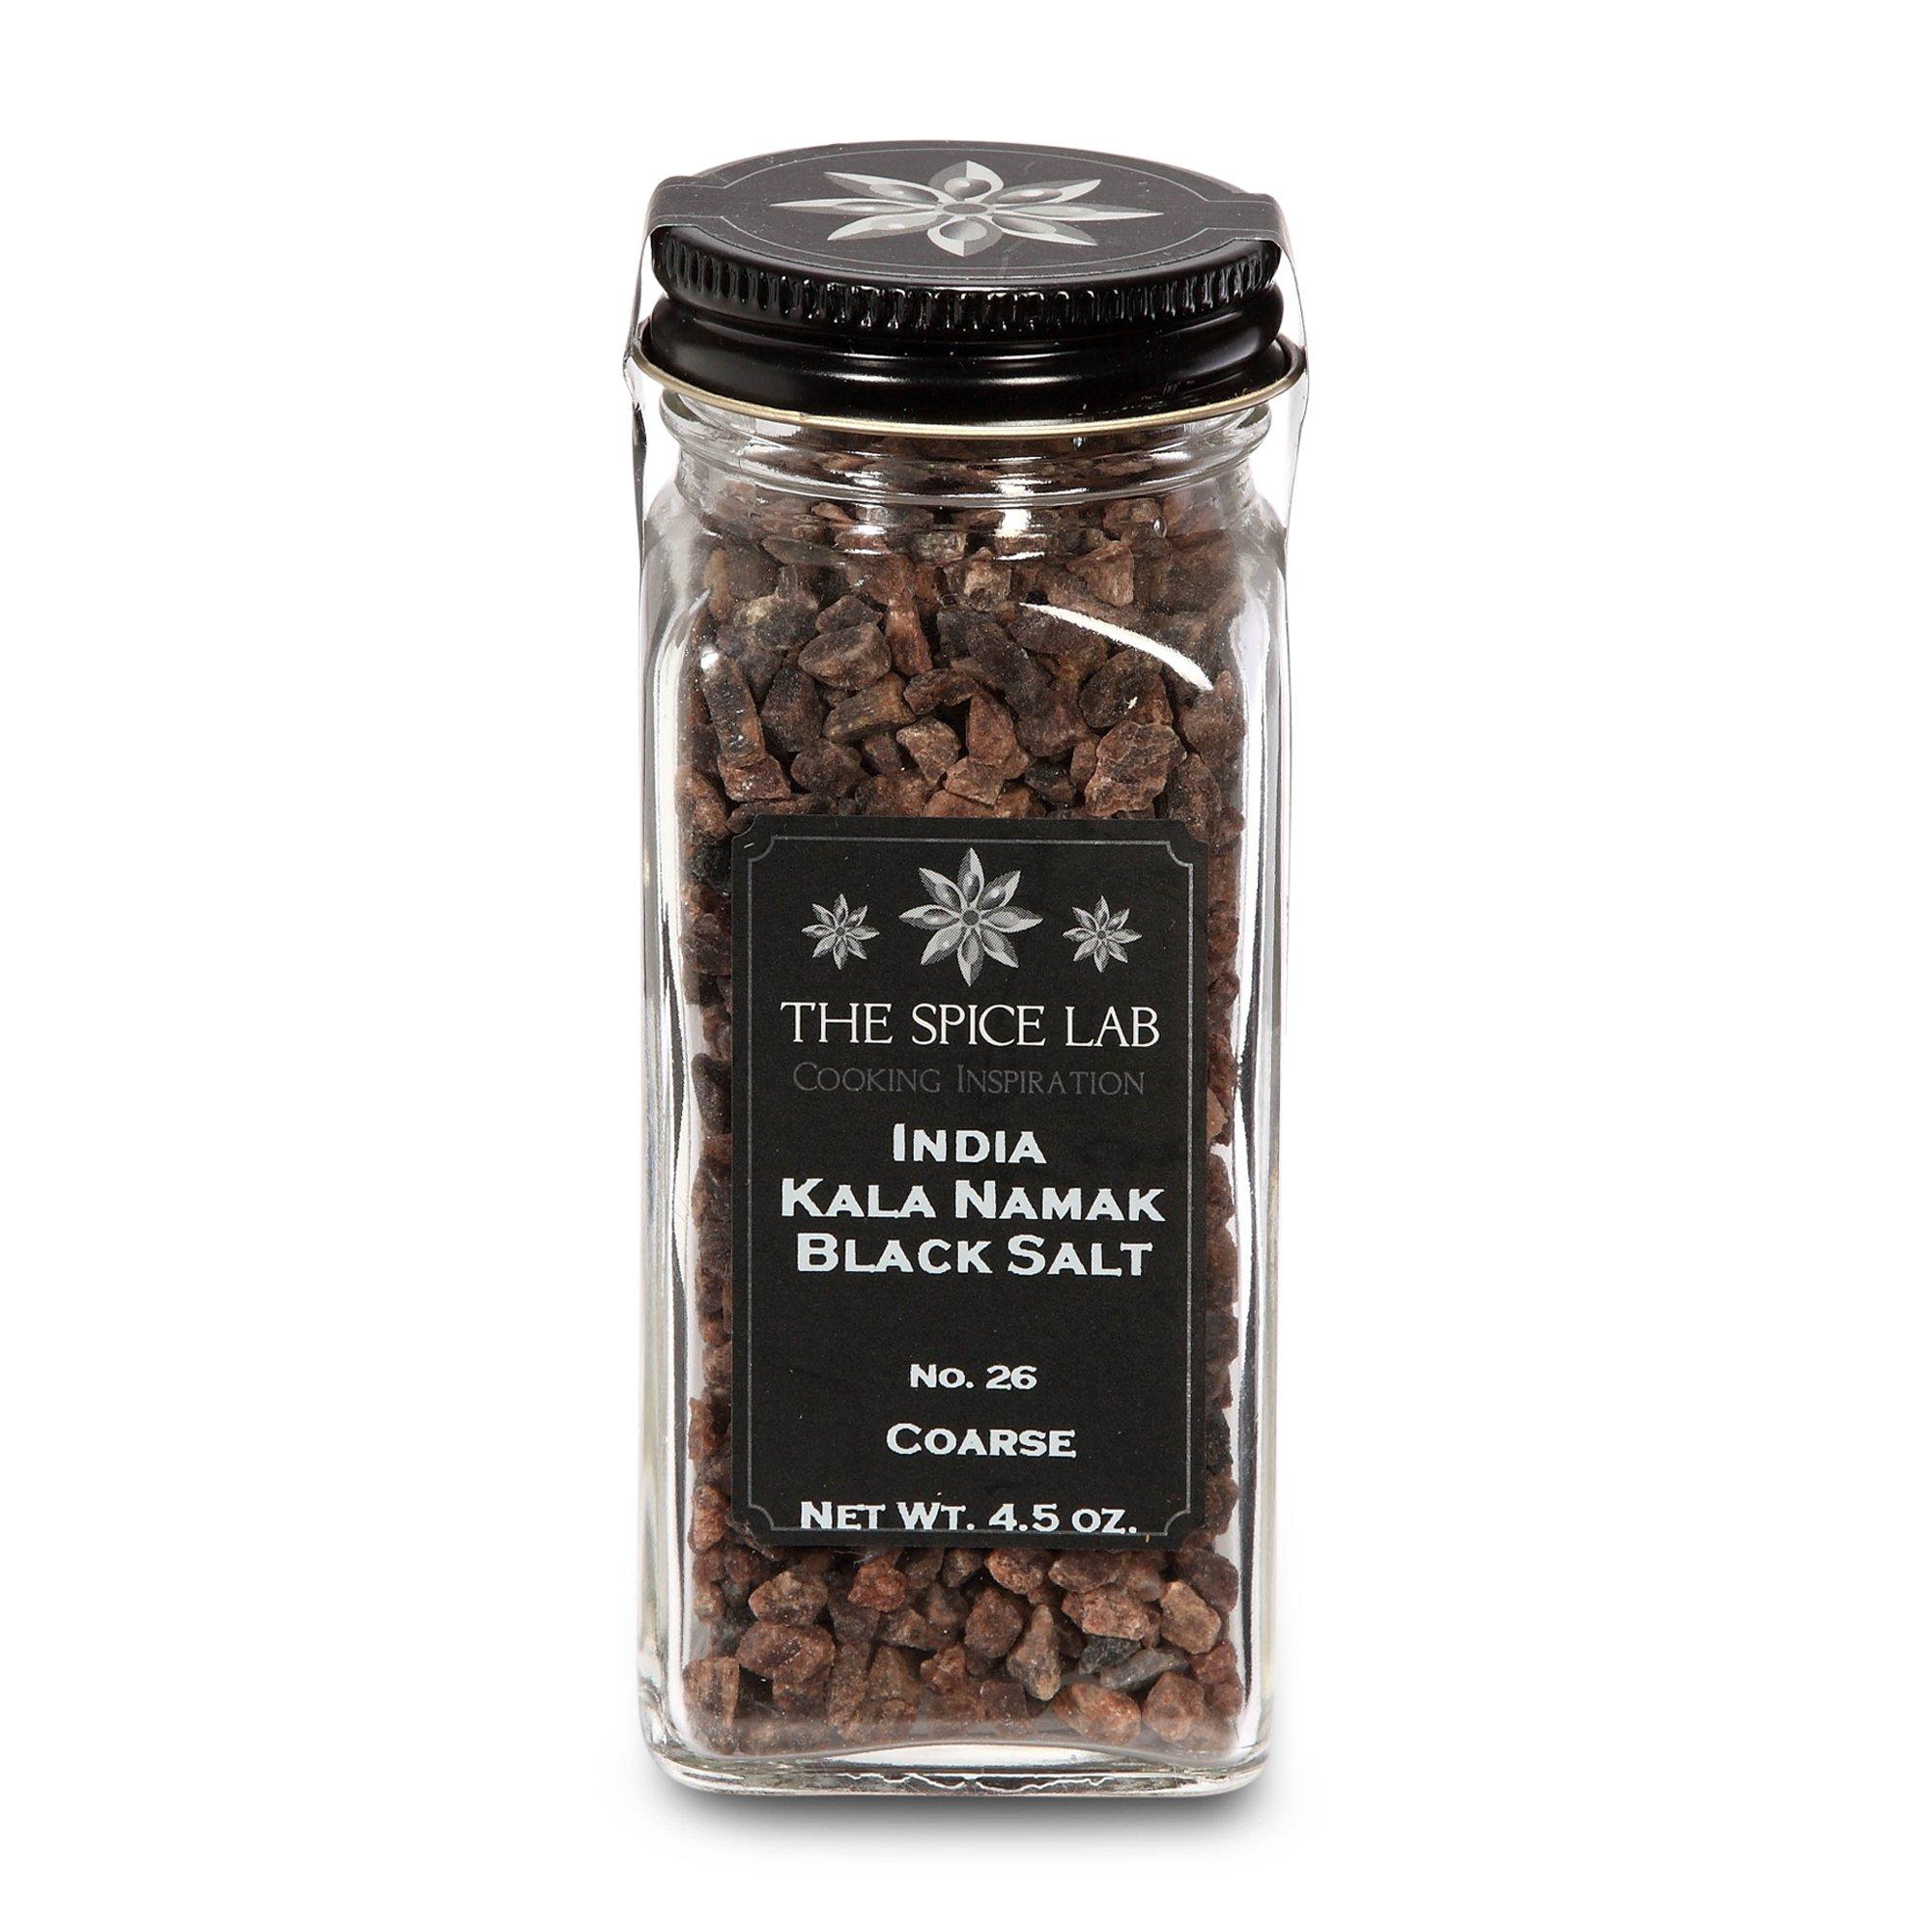 The Spice Lab India Black Salt-Kala Namak (Coarse) Sulfur Mineral Salt, 1-Count Package